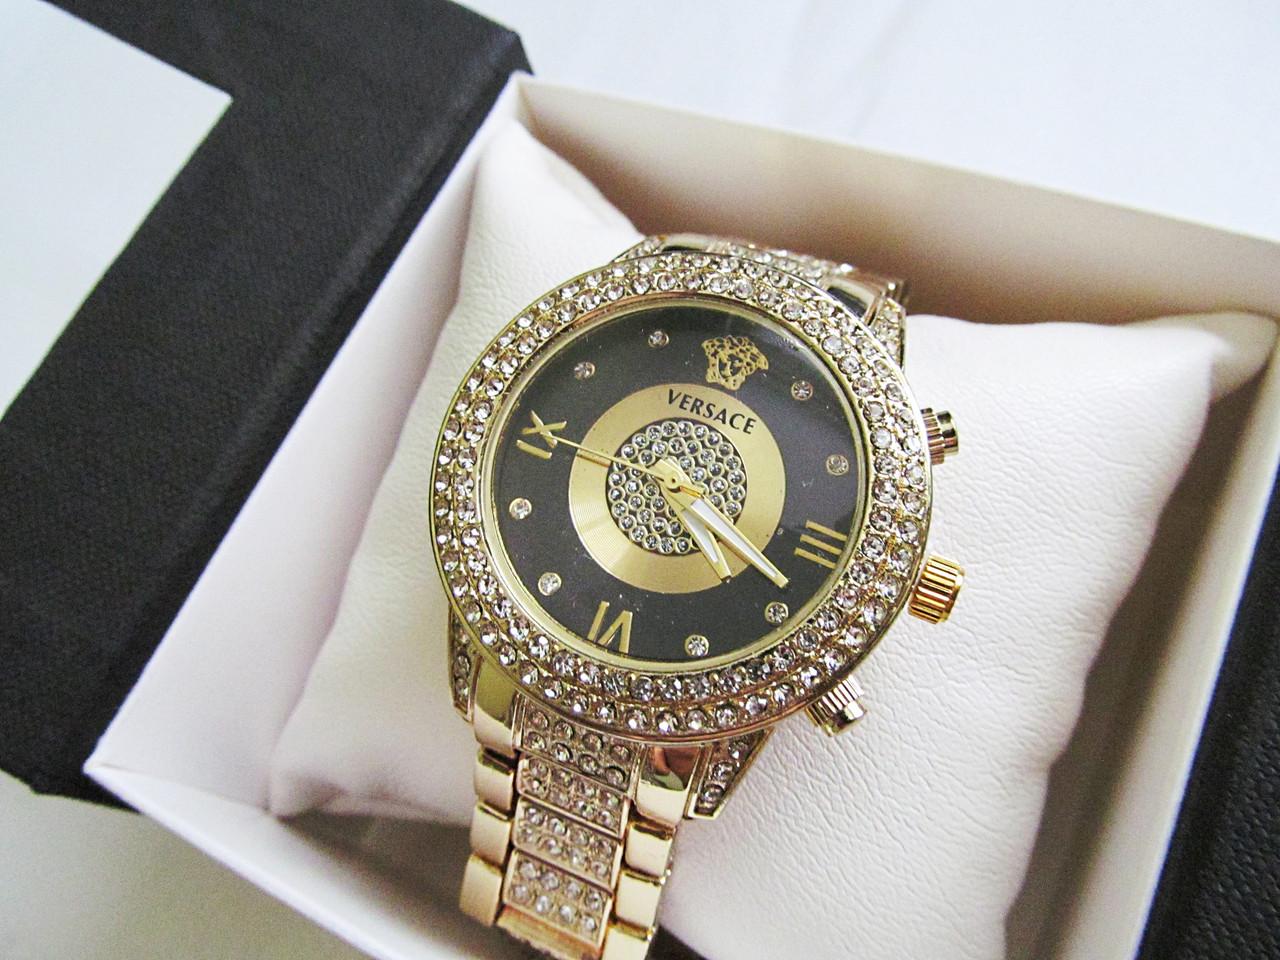 Супер стильные женские часы реплика Versace золото+черный циферблат -